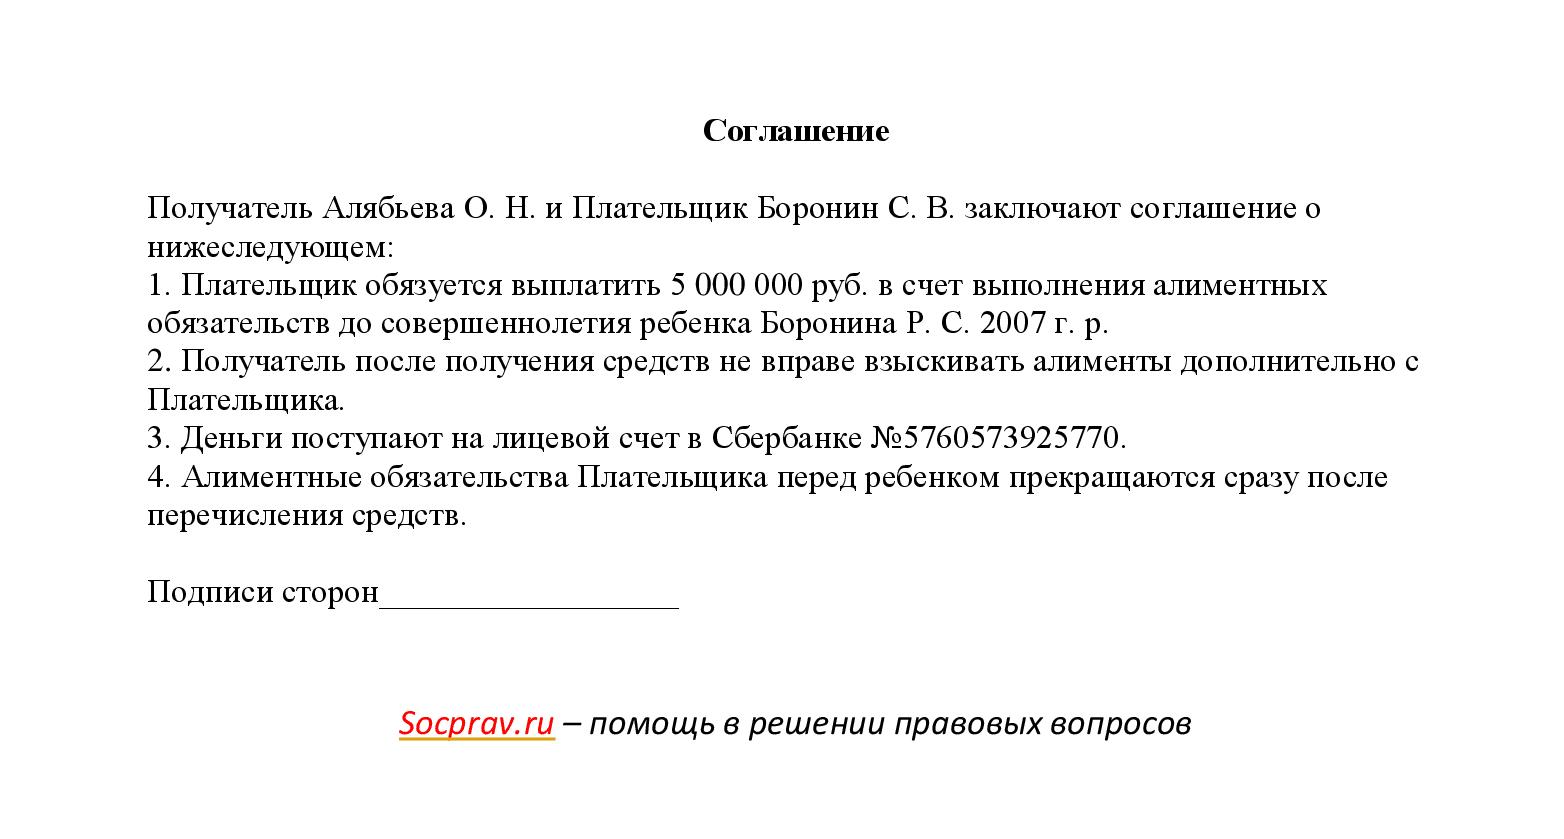 Соглашение об уплате алиментов единовременной суммой